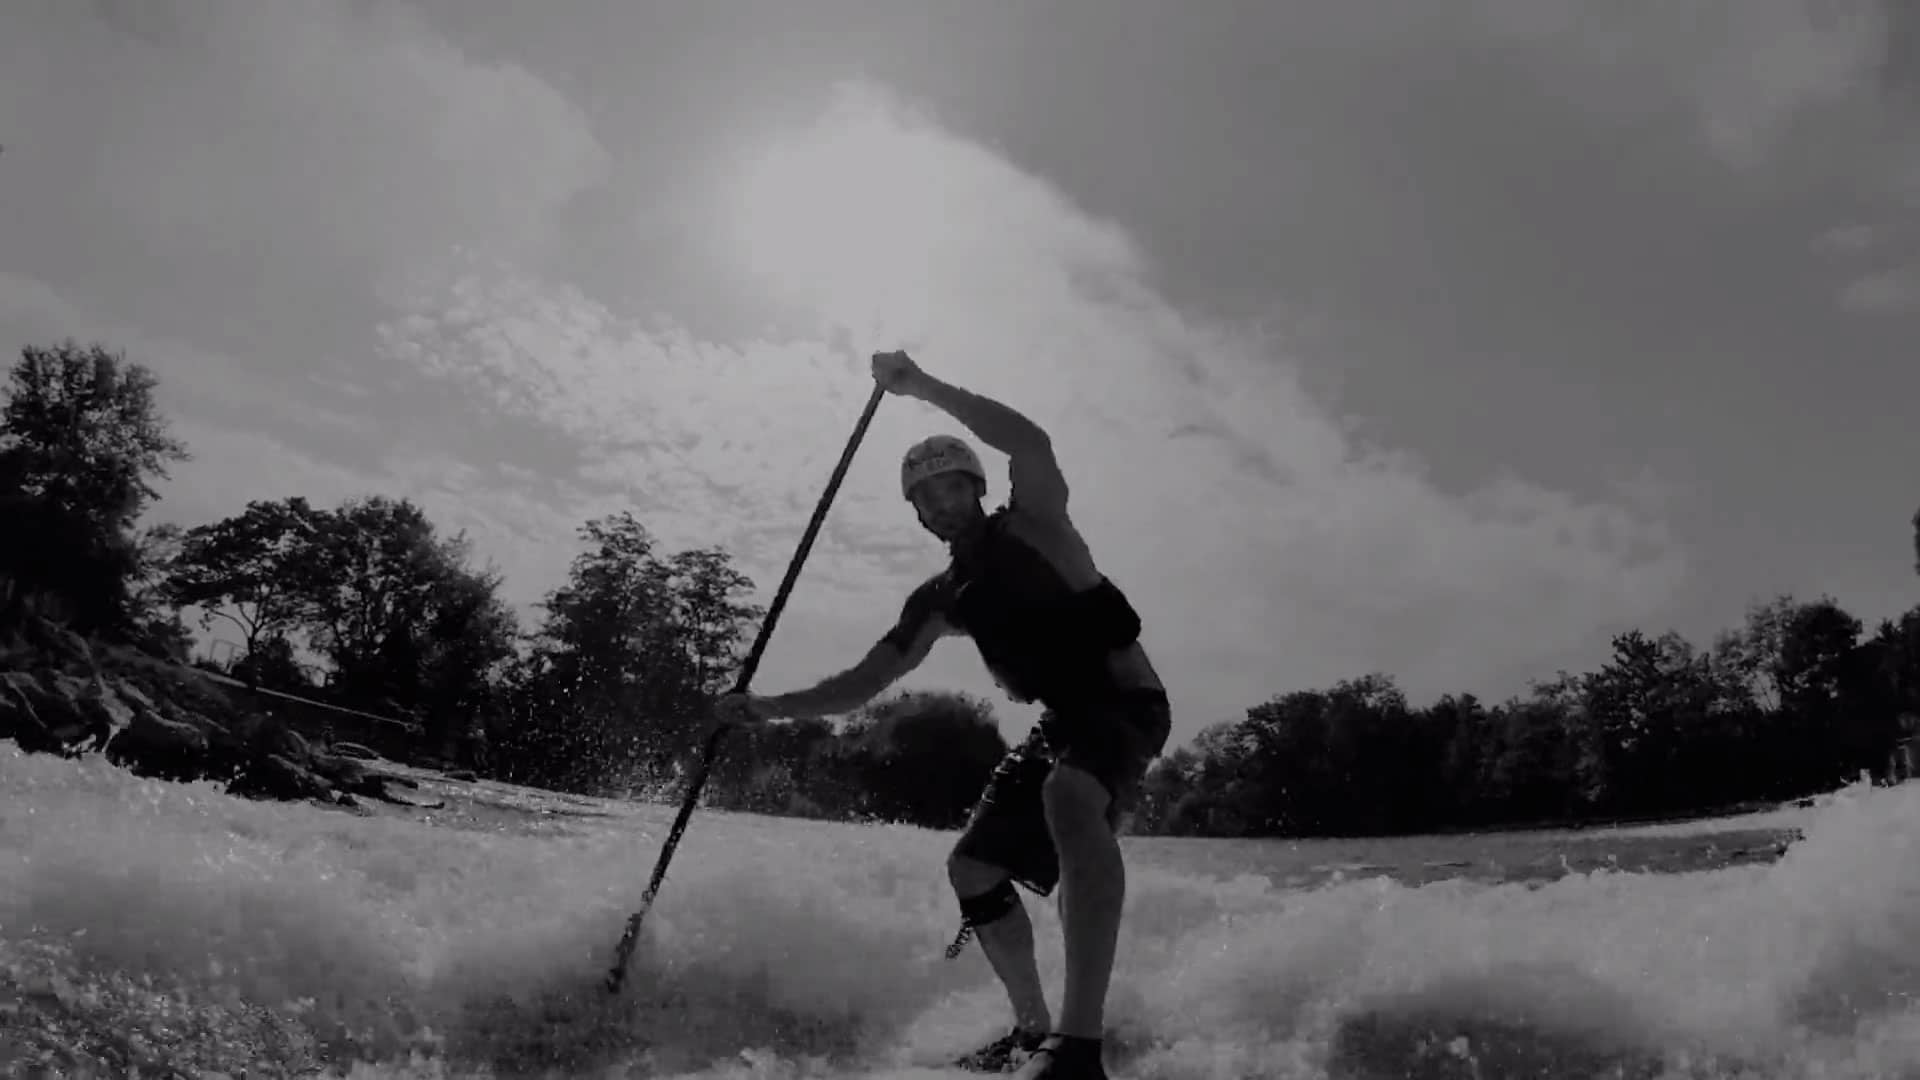 Vidéo teaser de Sup'Tasia dédiée au Sup de rivière